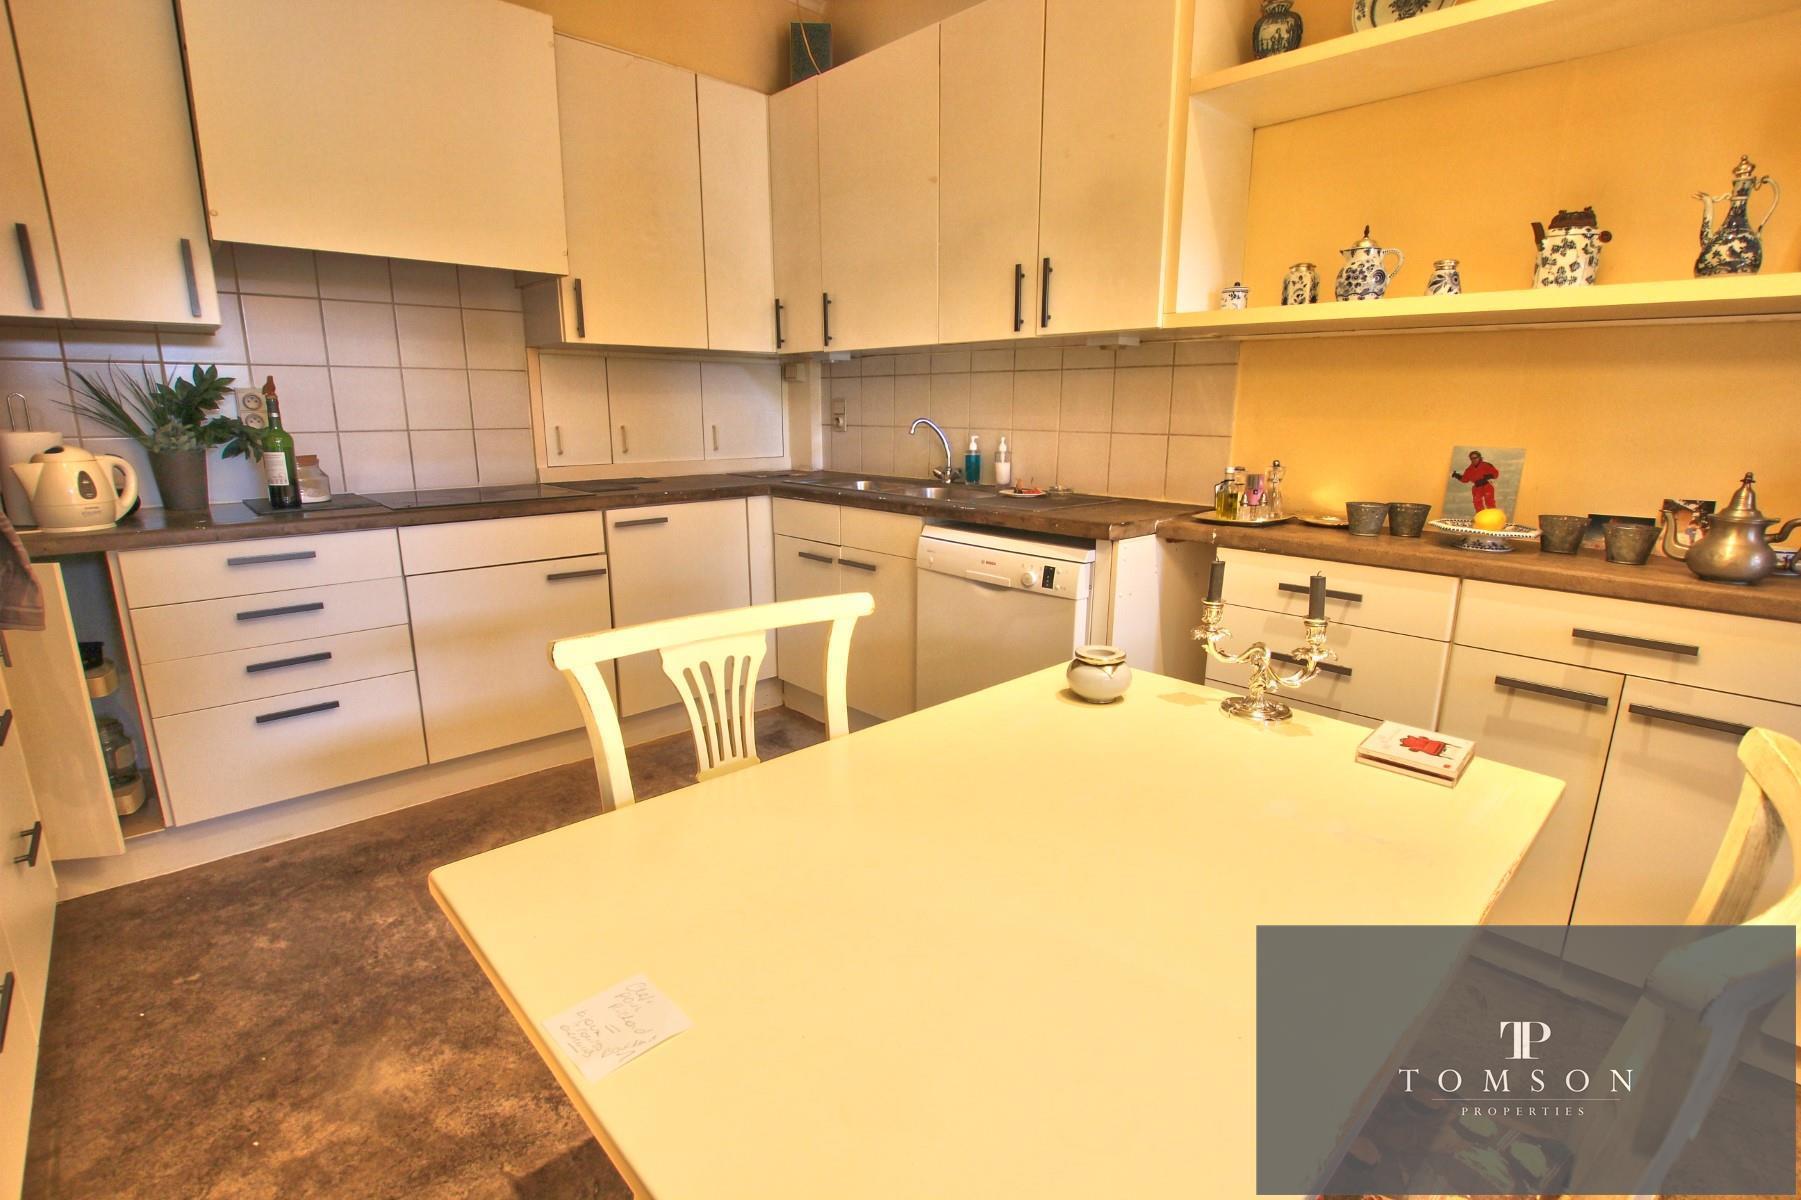 Appartement exceptionnel - Ixelles - #4098210-5